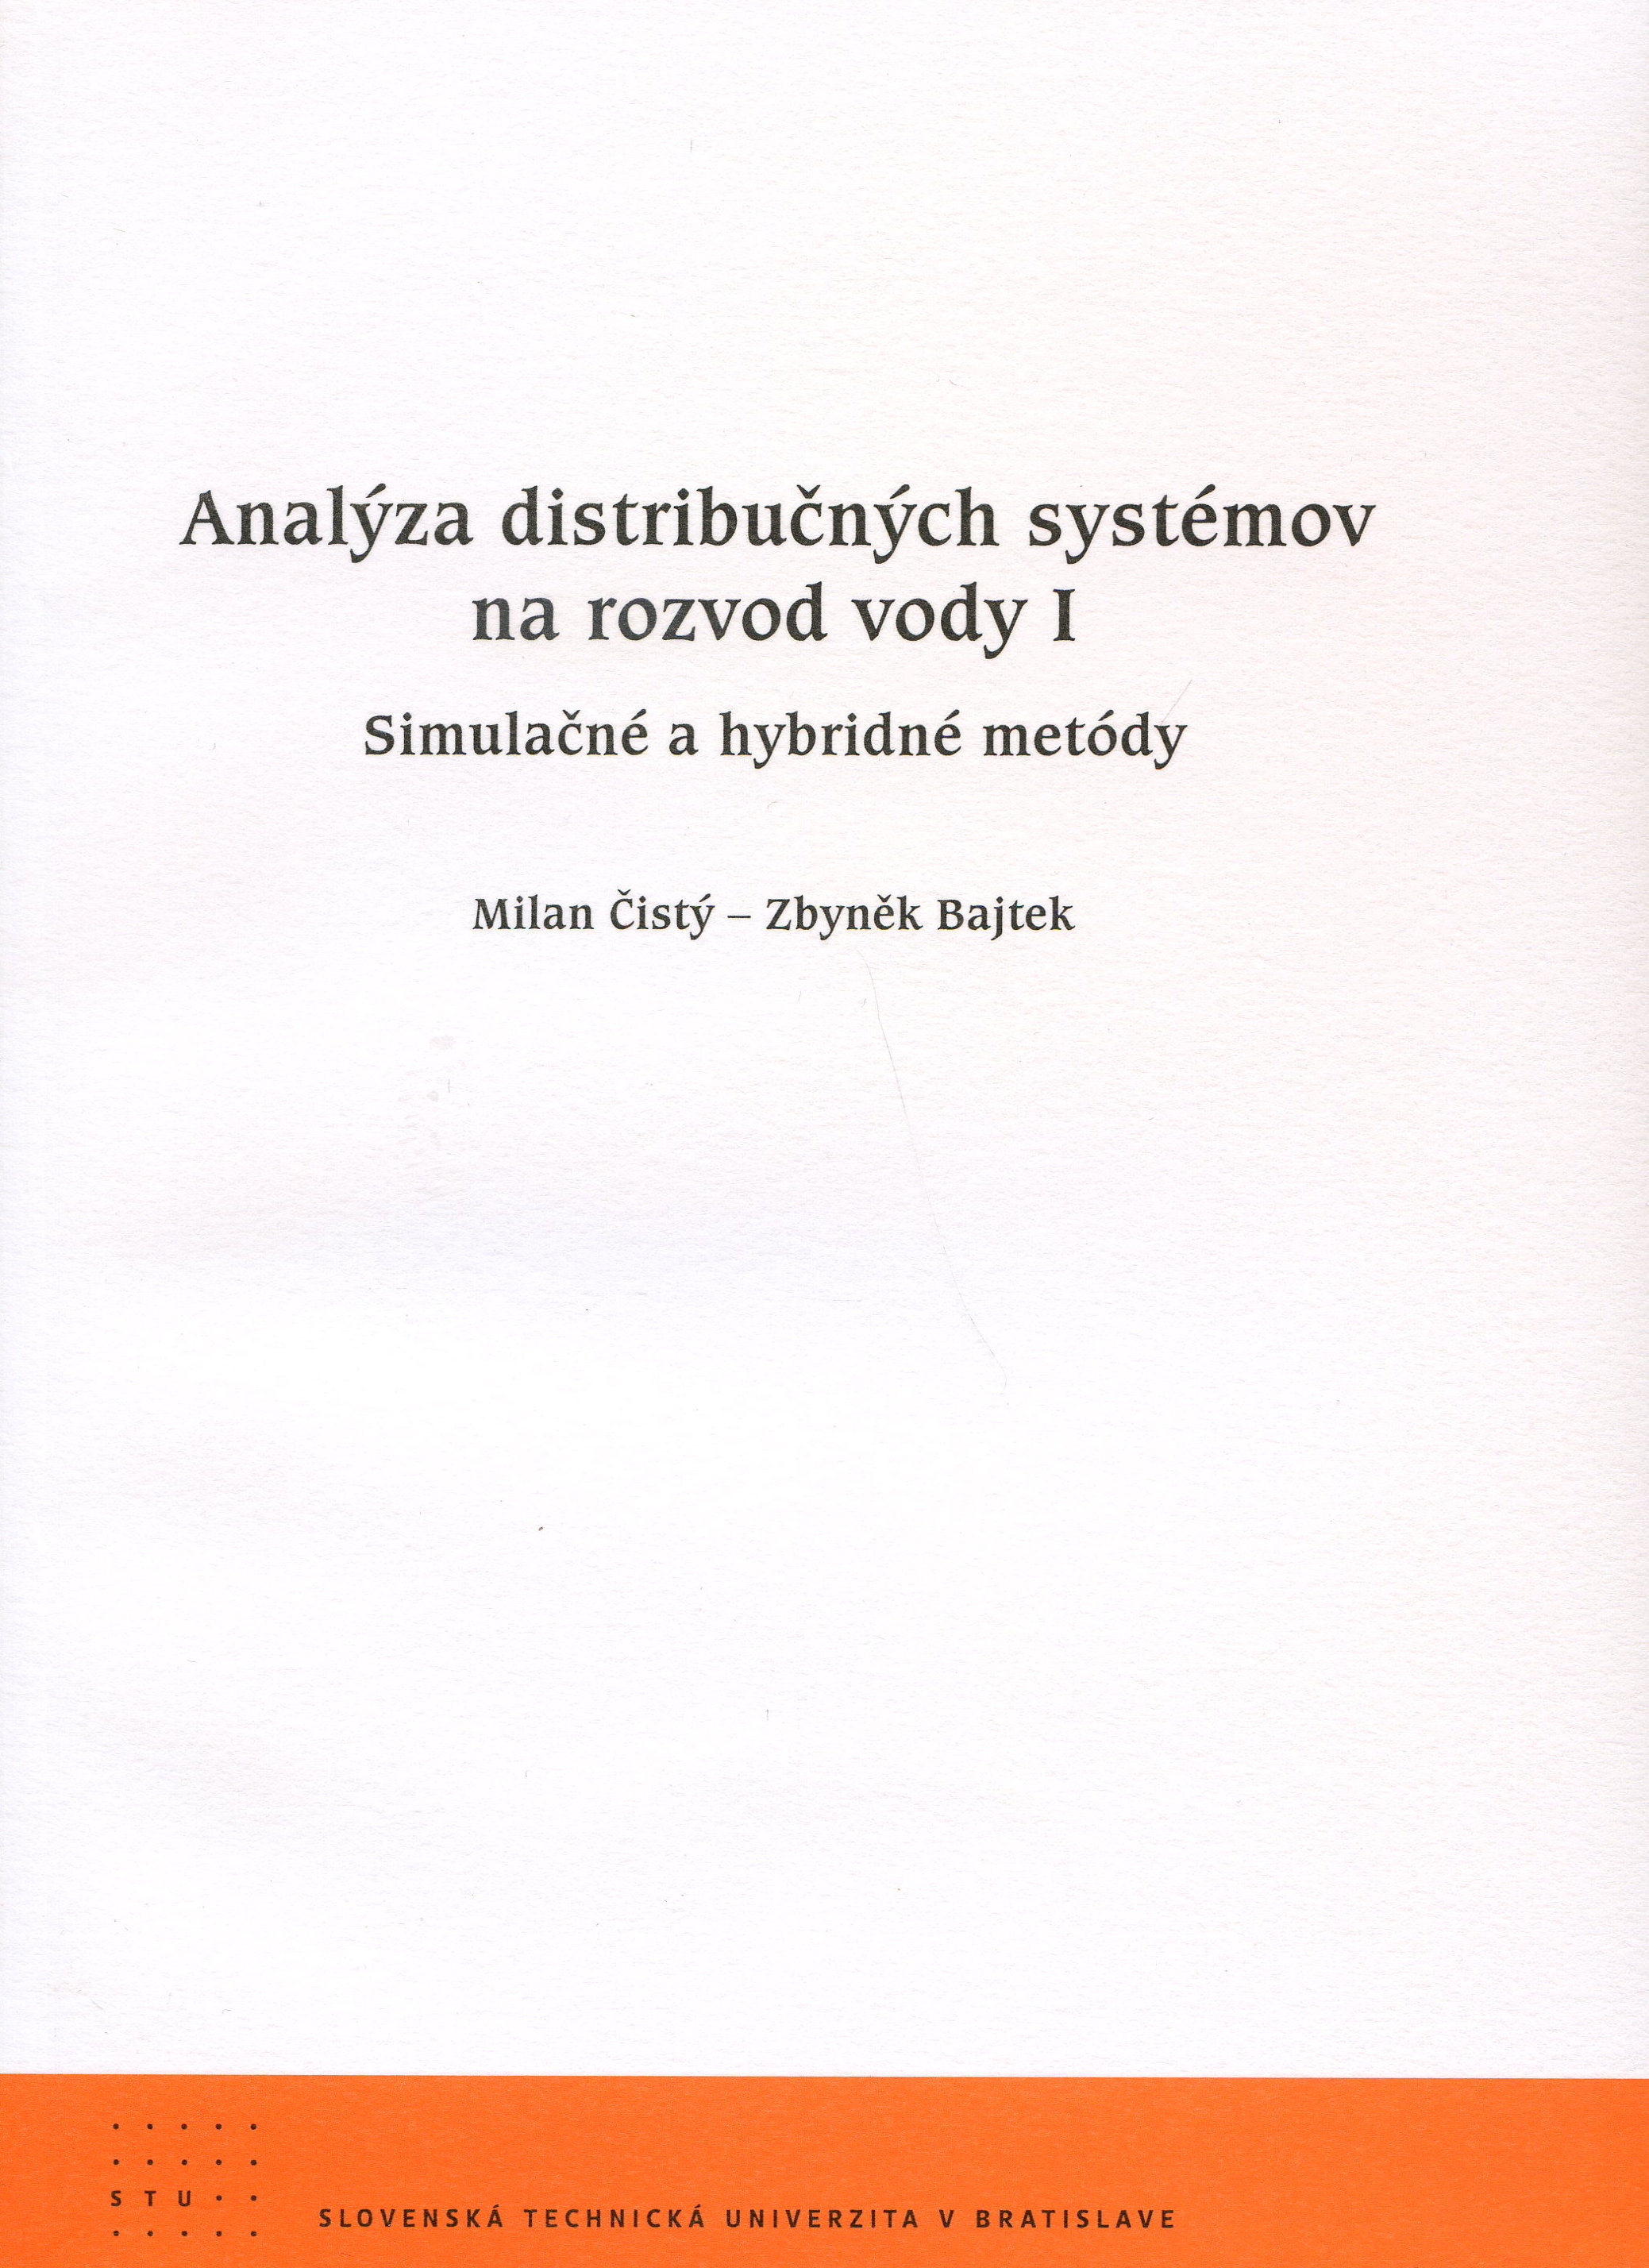 Analýza distribučných systémov na rozvod vody I - Simulačné a hybridné metódy